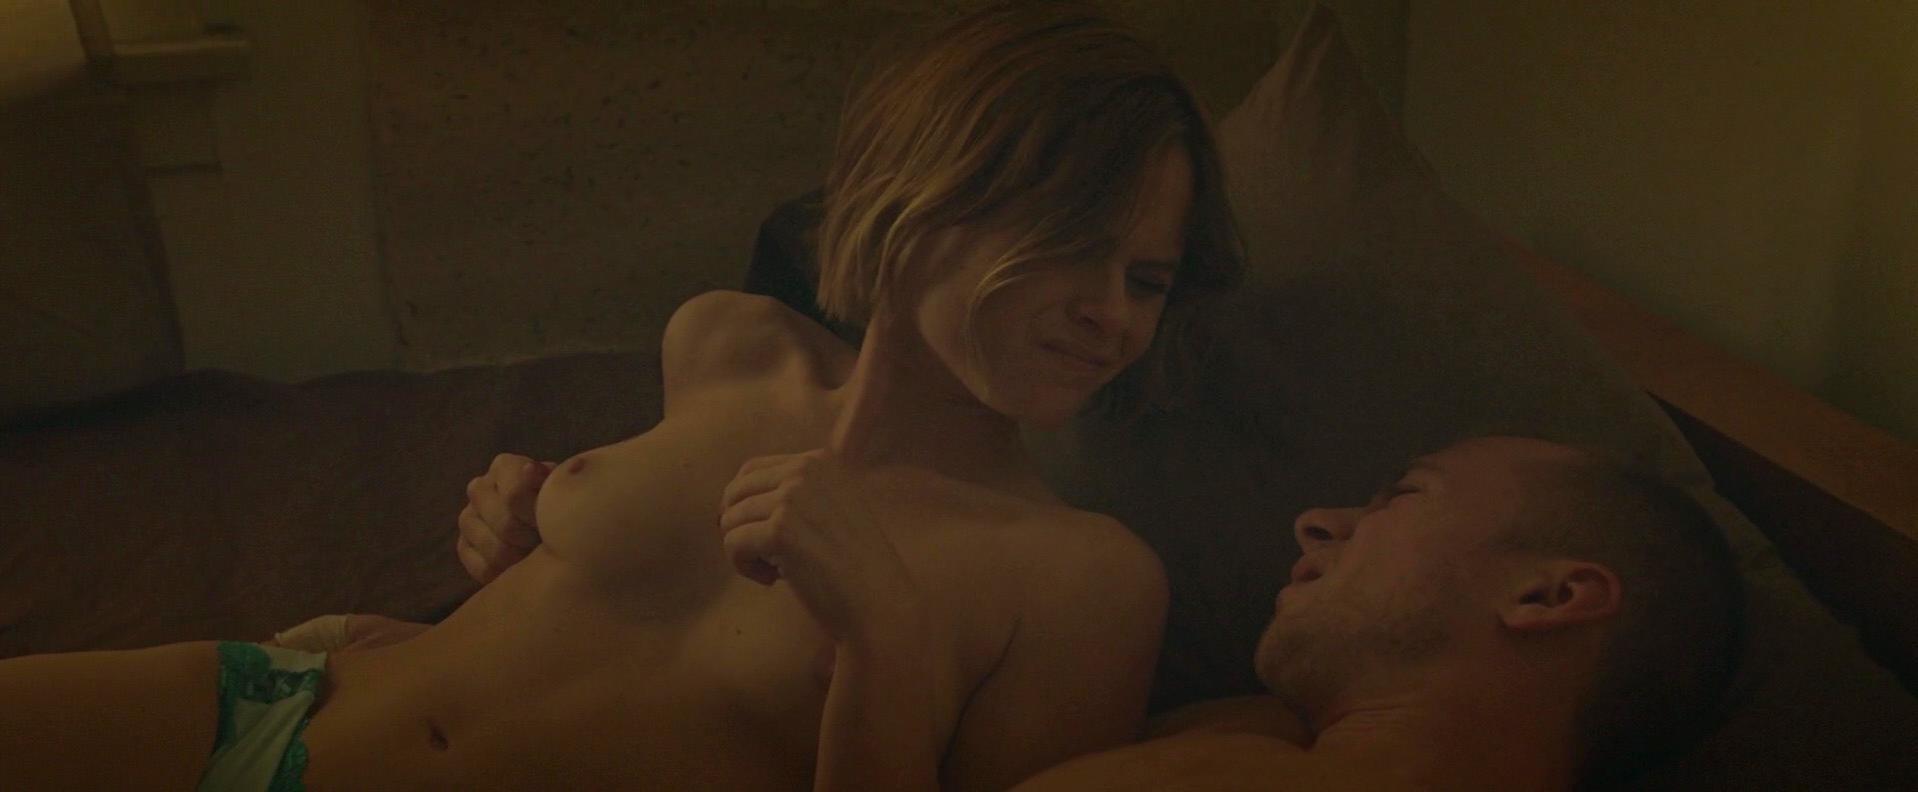 Augie Duke nude, Nadia Hilker nude - Spring (2014)